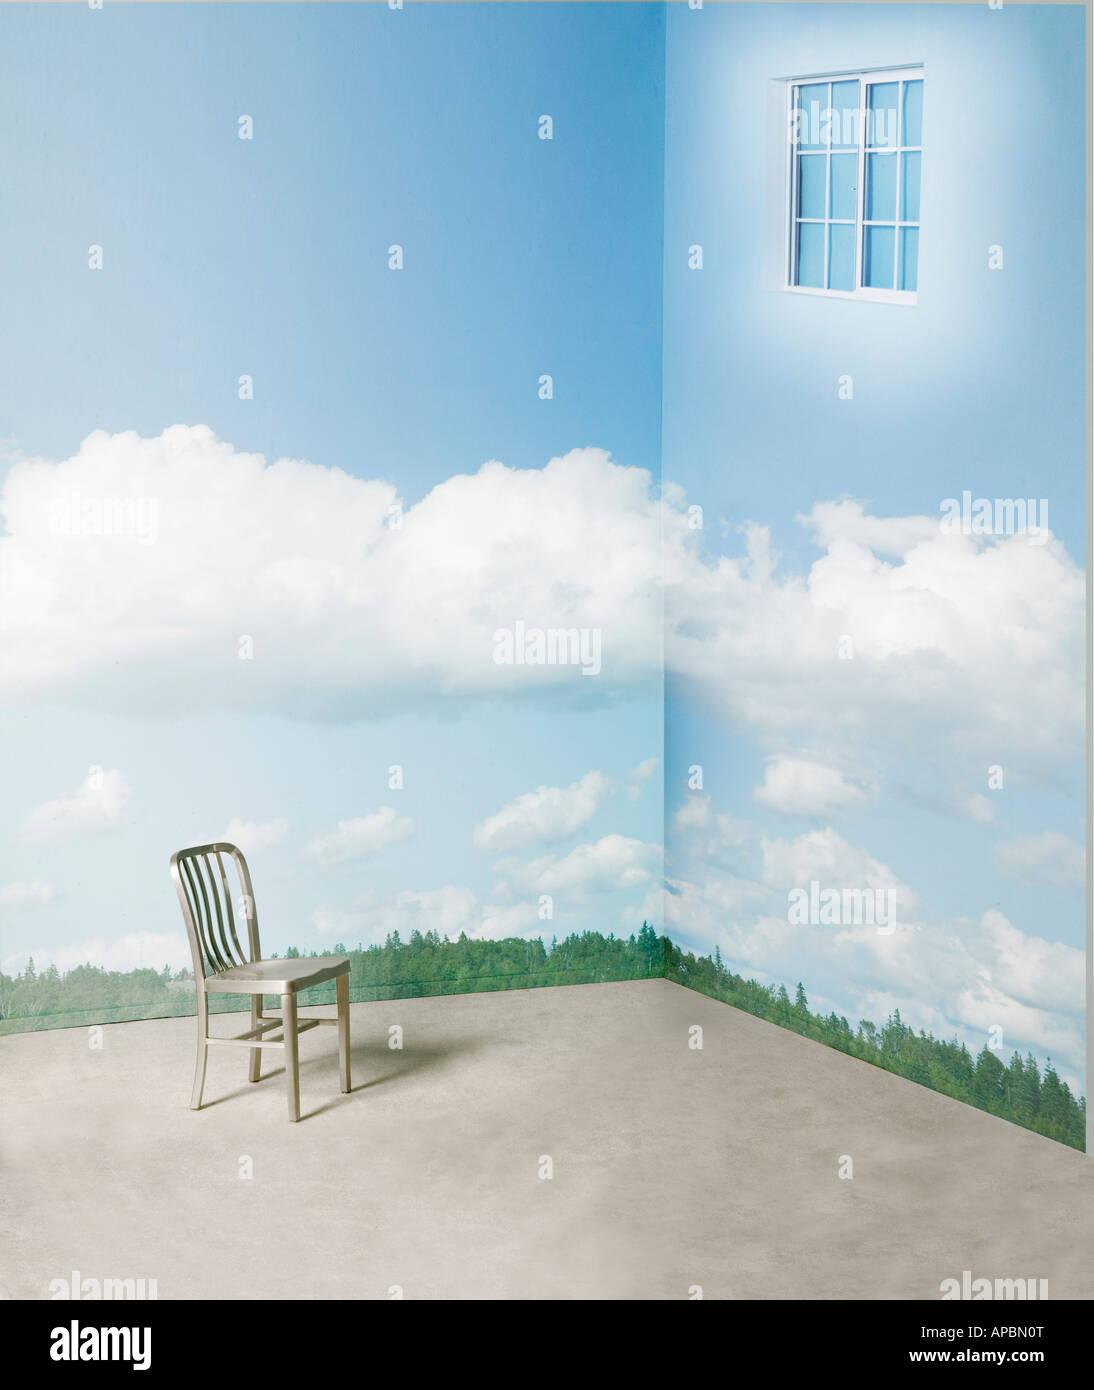 Lone Stuhl in der Ecke des Raumes mit surrealen Fenster und Wolken auf Wand Tag Traum Tagtraum Fantasie Stockbild